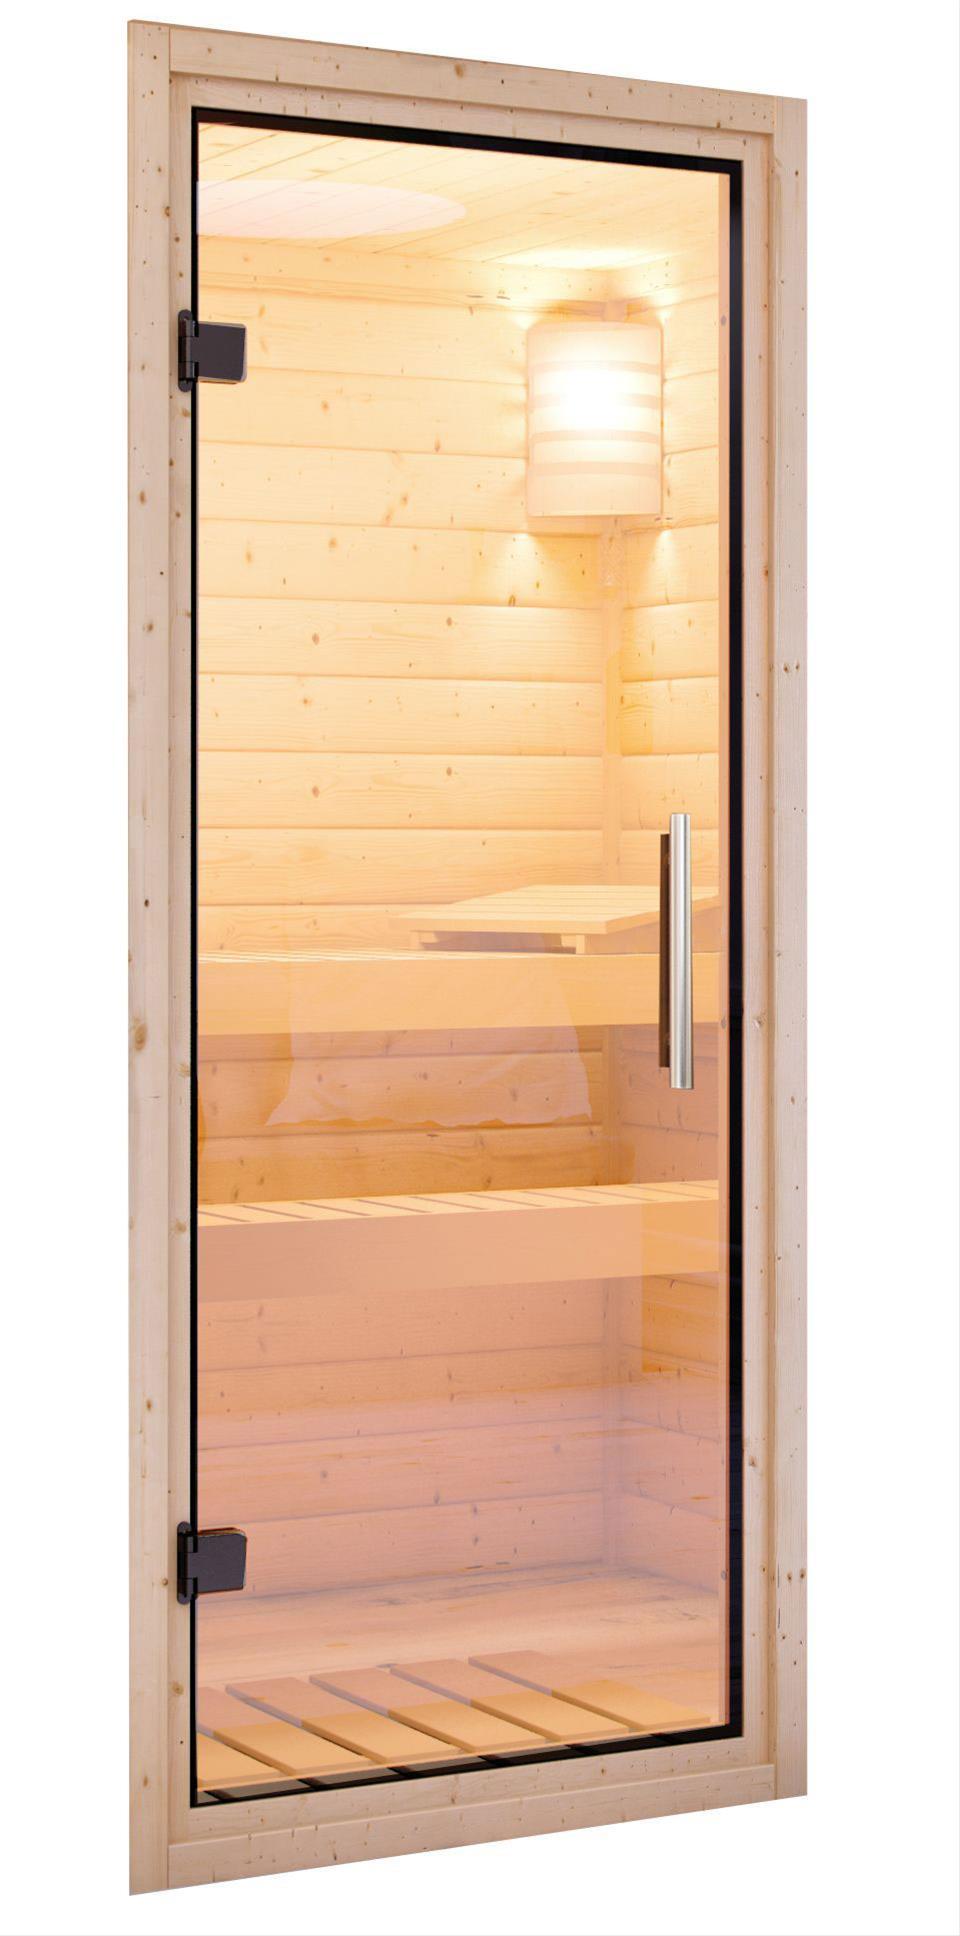 WoodFeeling Sauna Mia 38mm Saunaofen 9kW intern Kranz Klarglas Tür Bild 6